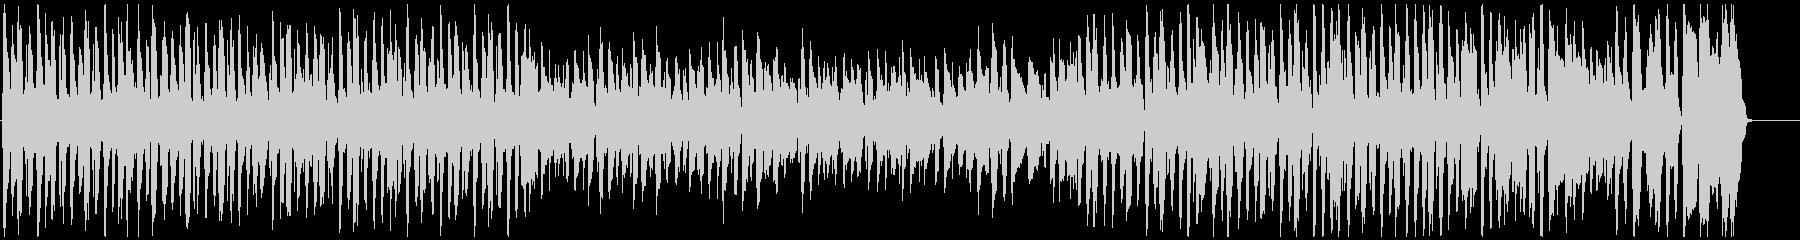 ほのぼのでウキウキでポップな曲の未再生の波形